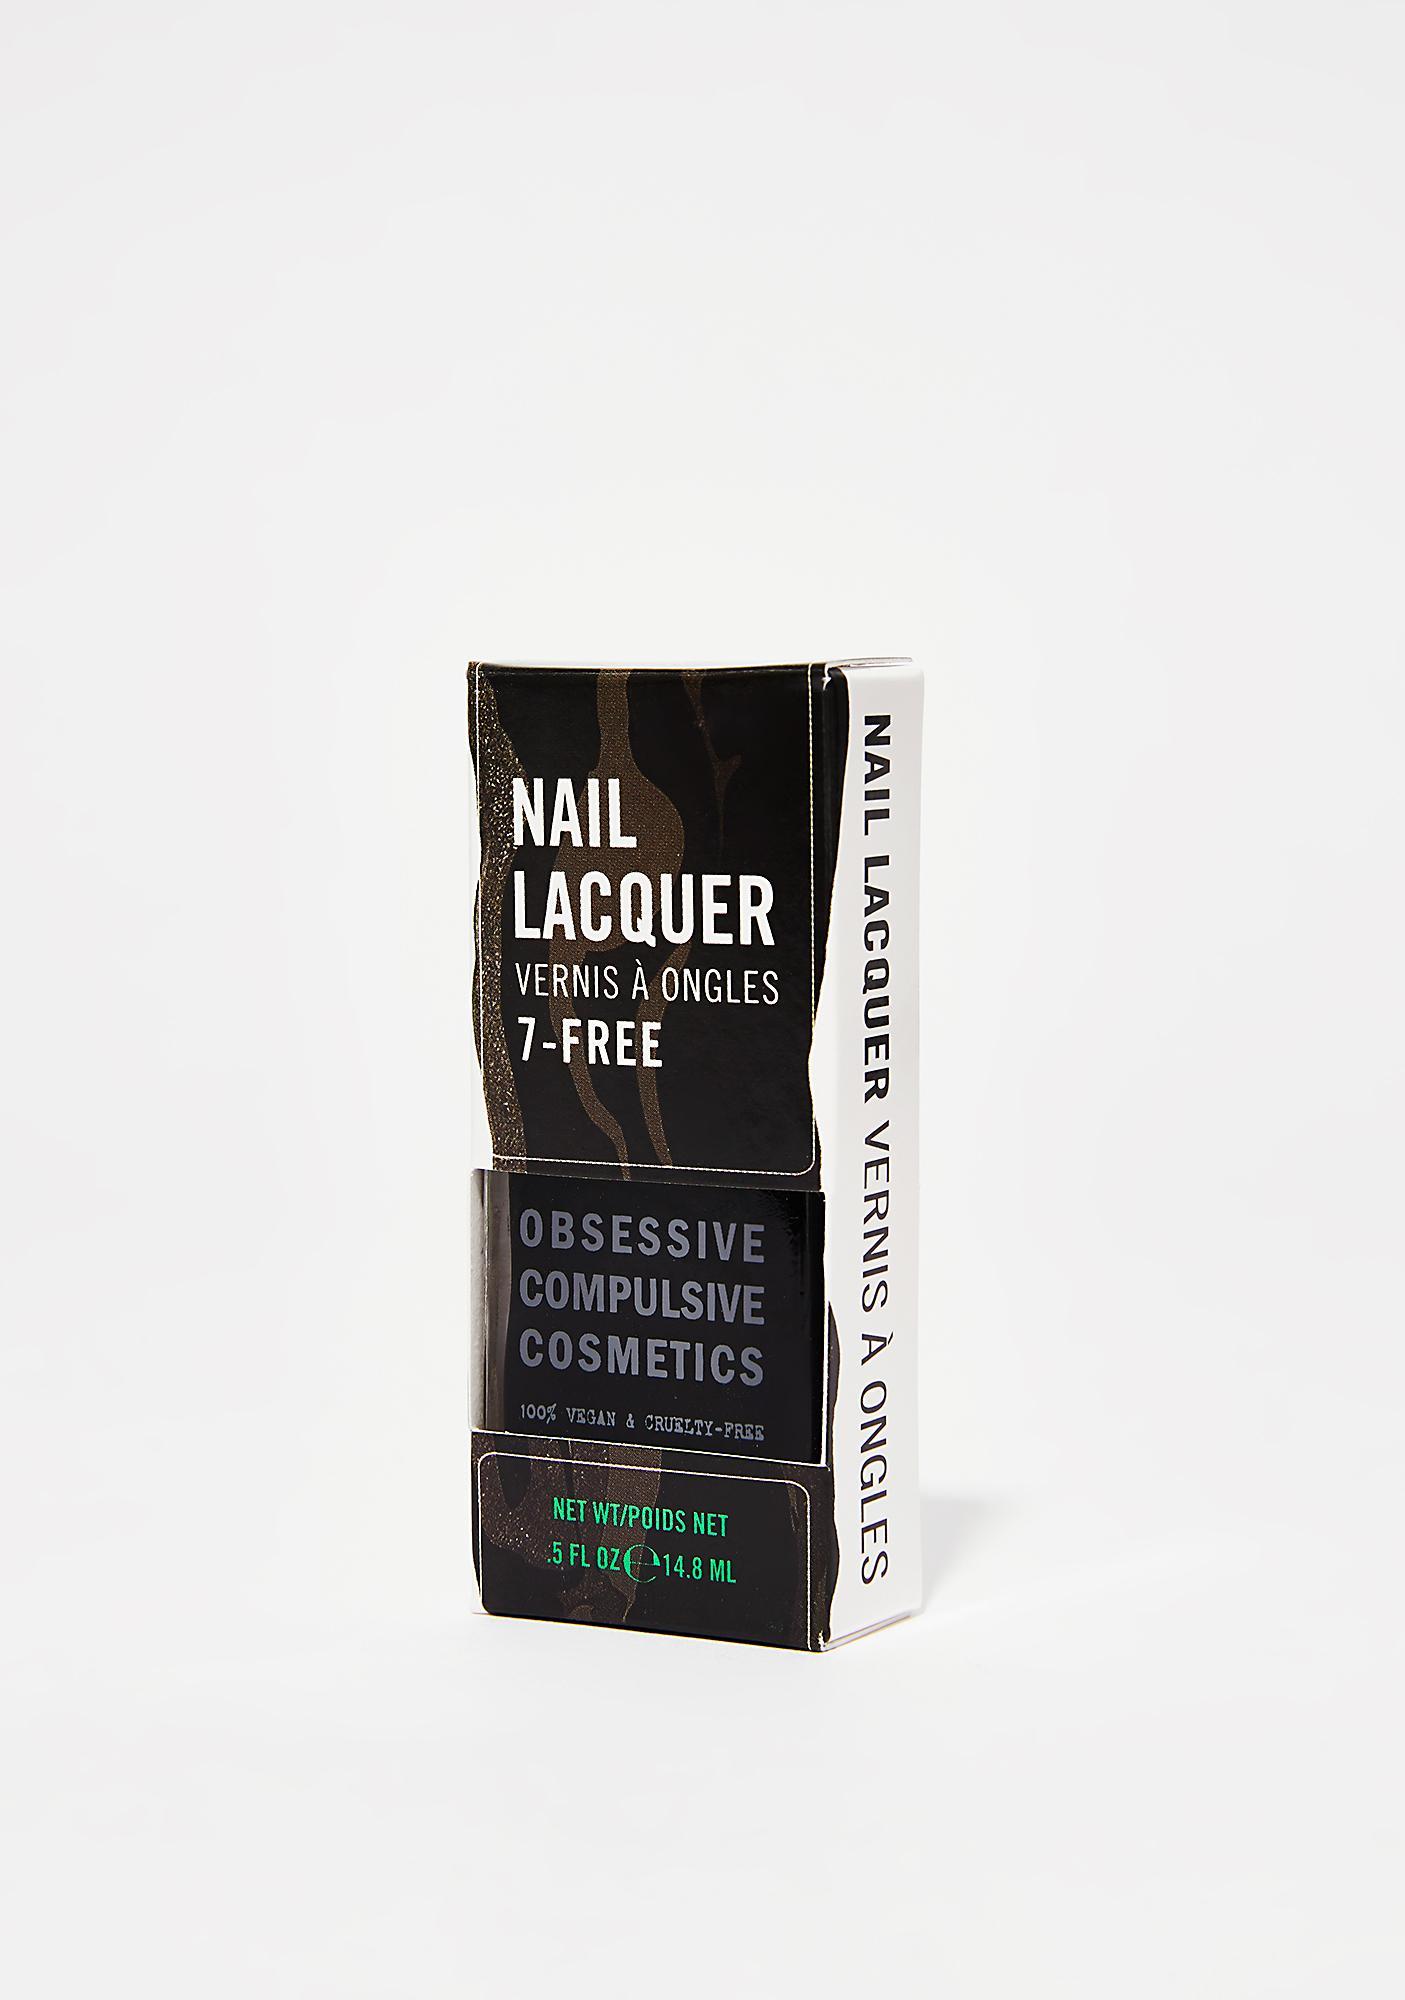 Obsessive Compulsive Cosmetics Tarred Nail Lacquer